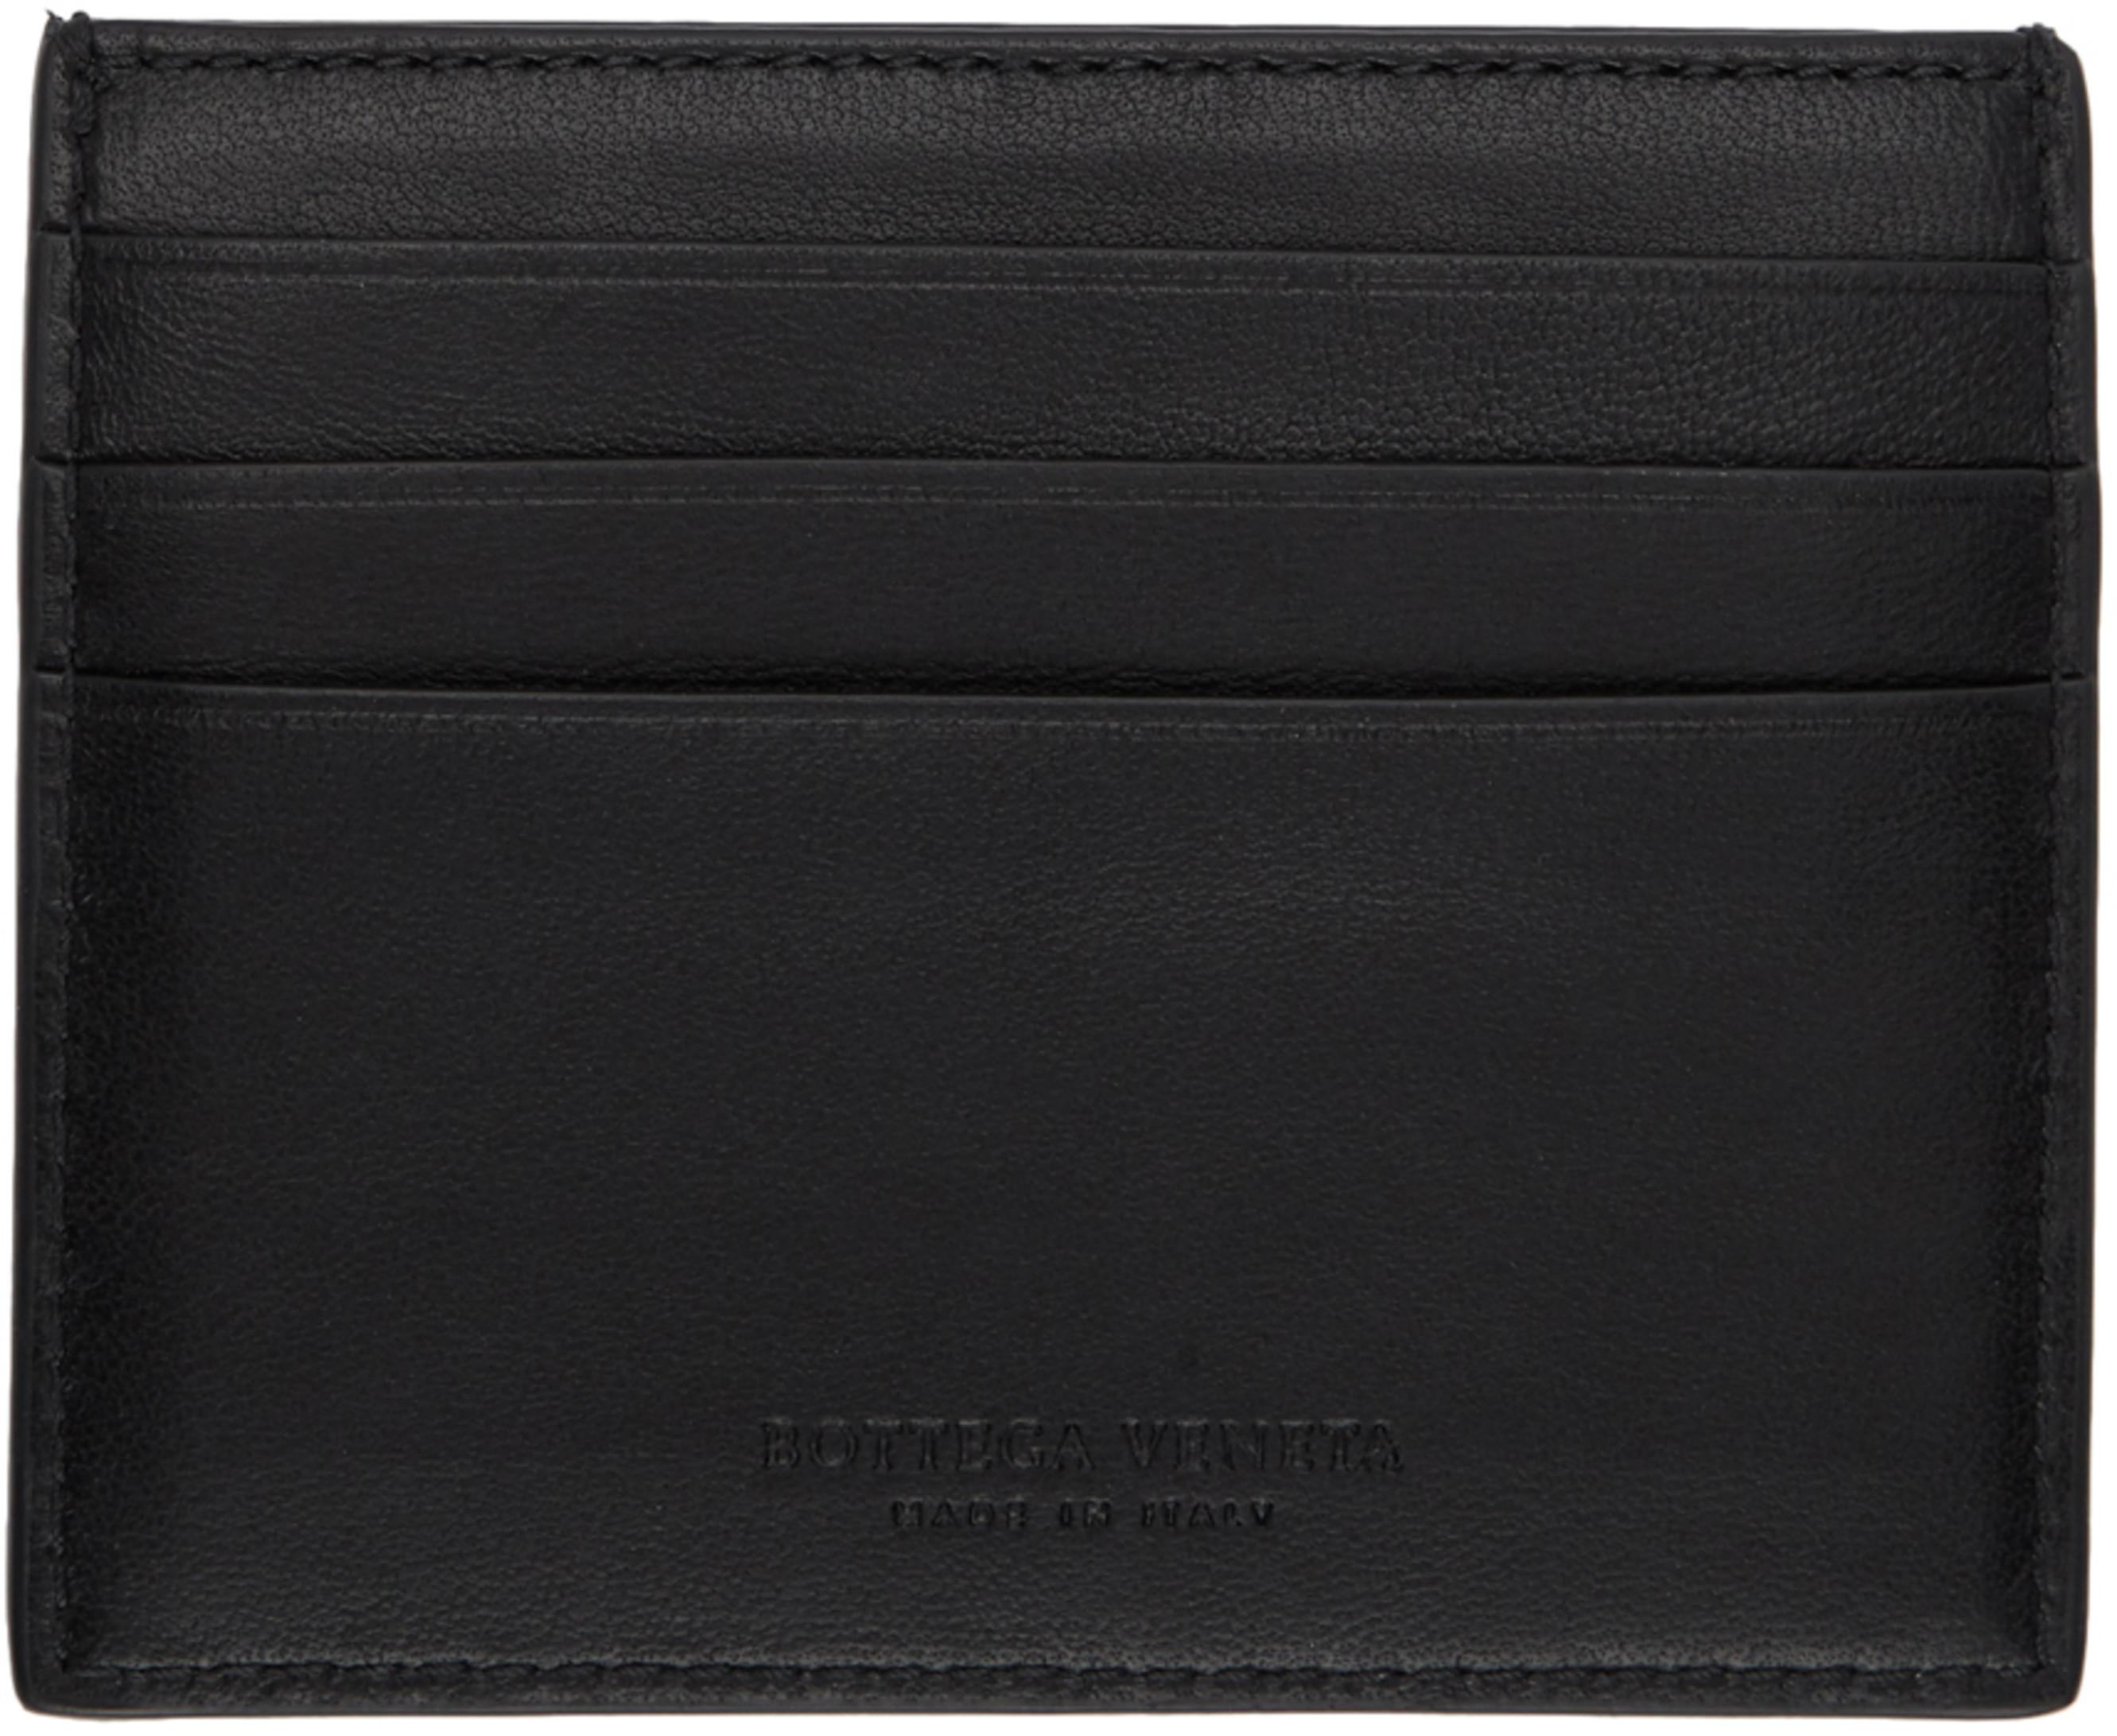 on sale 16171 f1669 SSENSE 限定 ブラック ナッパ カード ホルダー